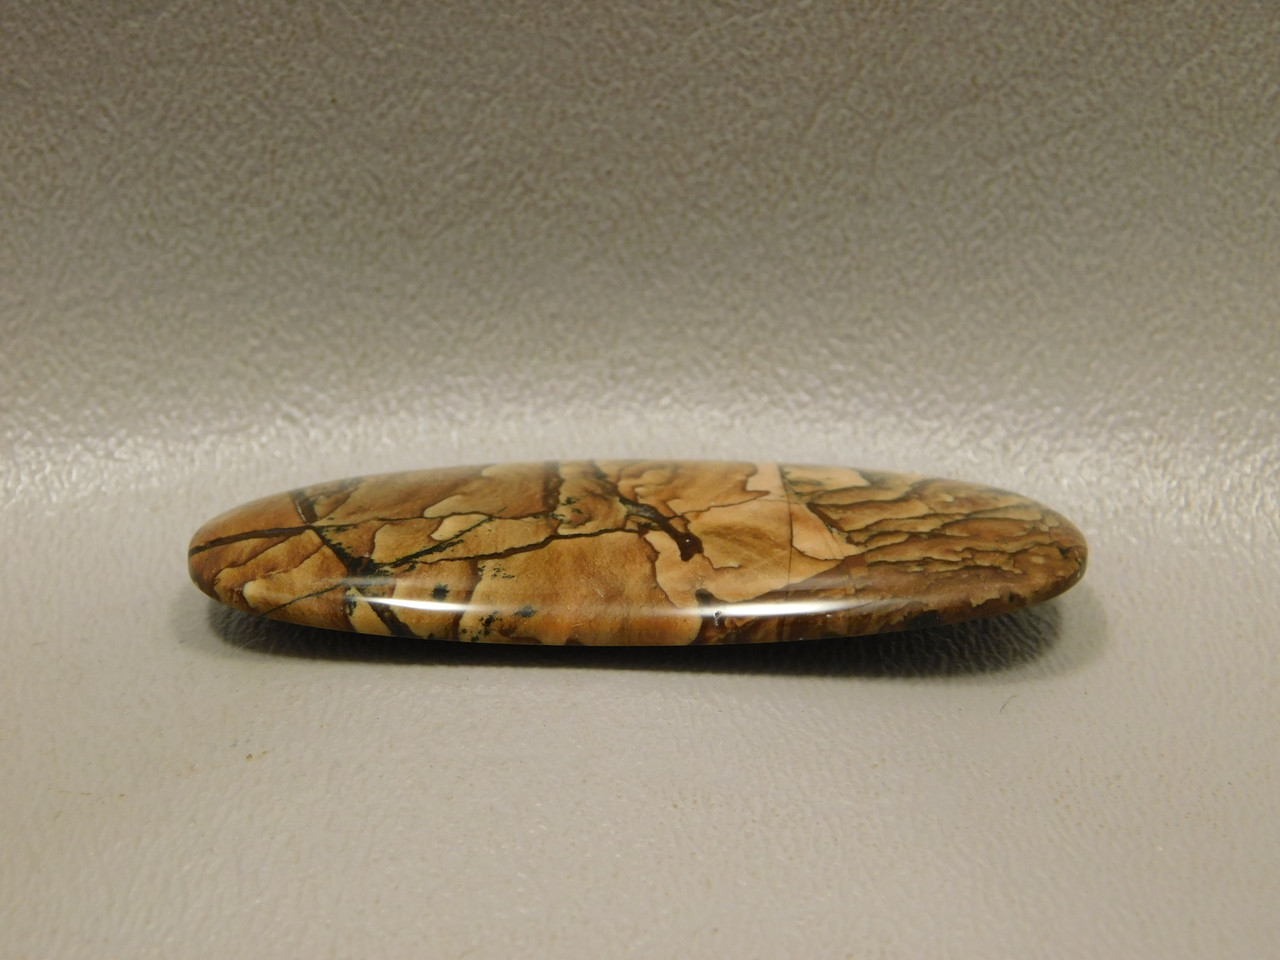 Deschutes Picture Jasper Jewelry Design Cabochon Stone #5